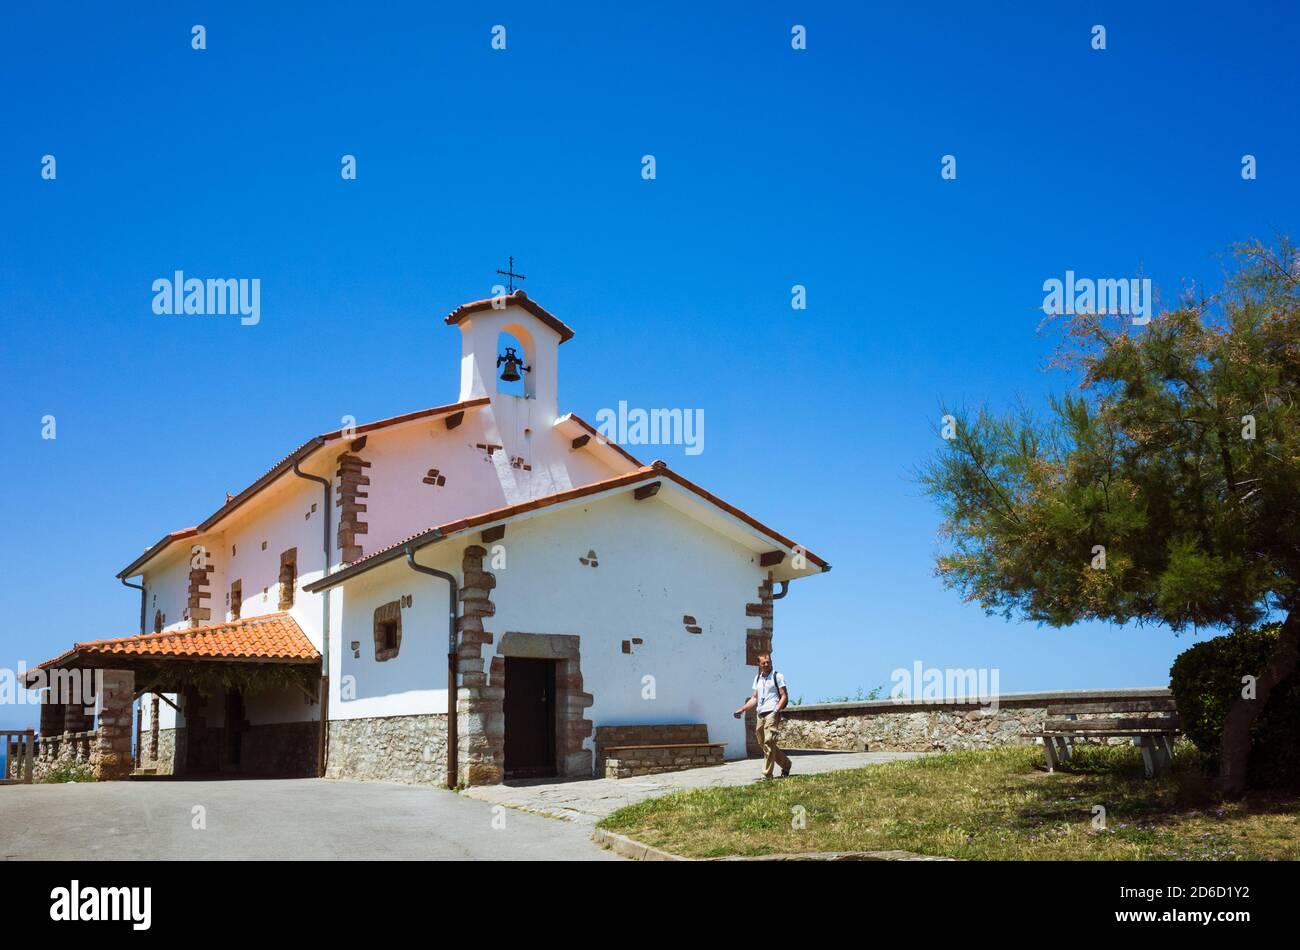 Zumaia, Gipuzkoa, Paesi Baschi, Spagna - 15 luglio 2019 : UN uomo passa accanto alla piccola cappella di San Telmo dedicata al santo patrono dei marinai. Foto Stock